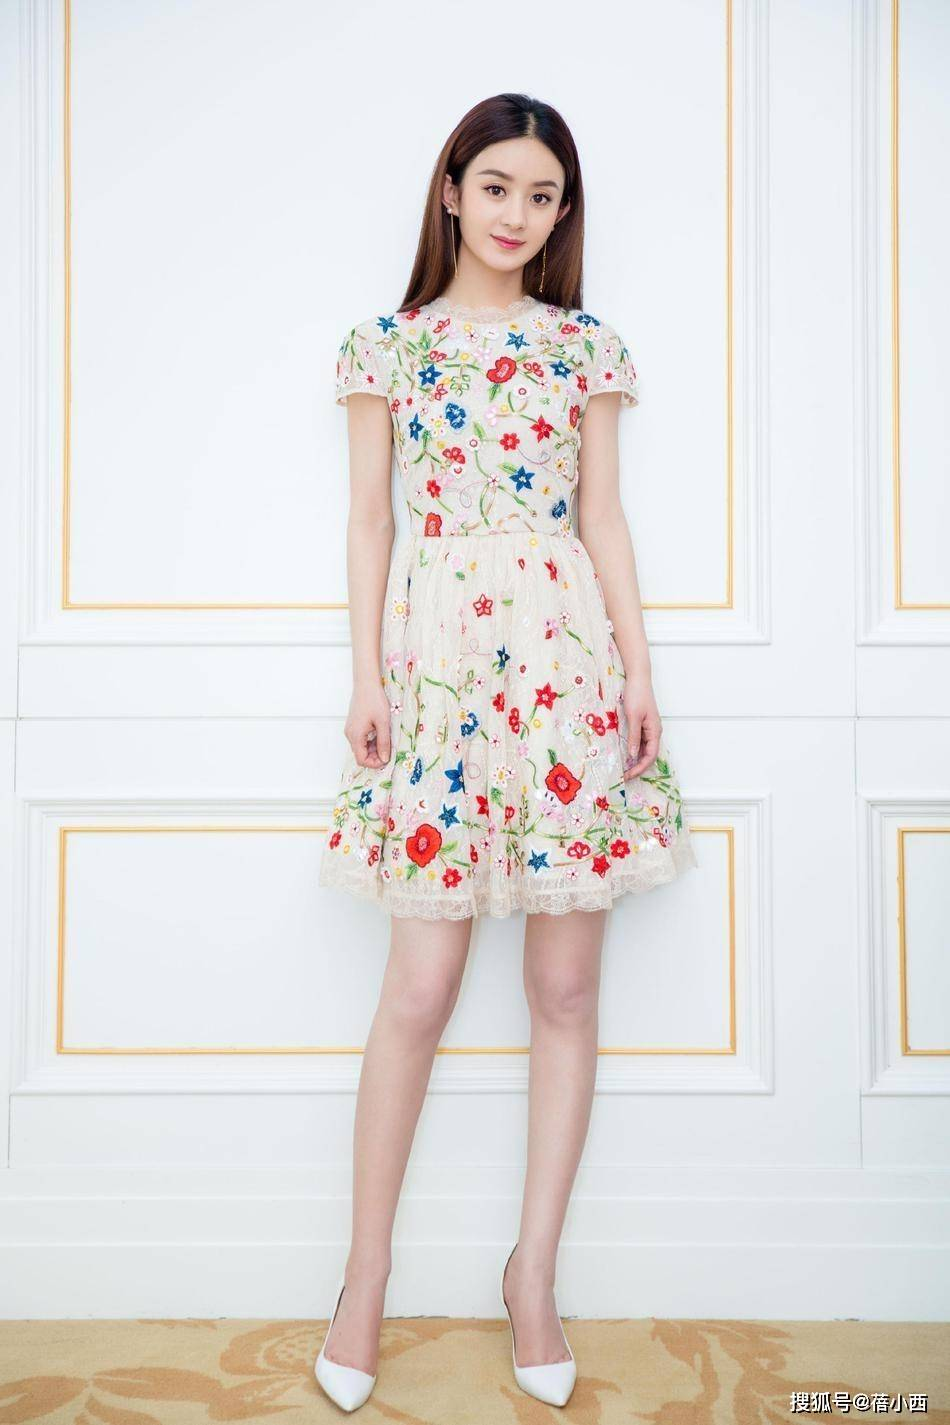 原创             赵丽颖都被冯绍峰宠成小女孩了,穿蓝色抹胸裙好嫩,不像当妈的人